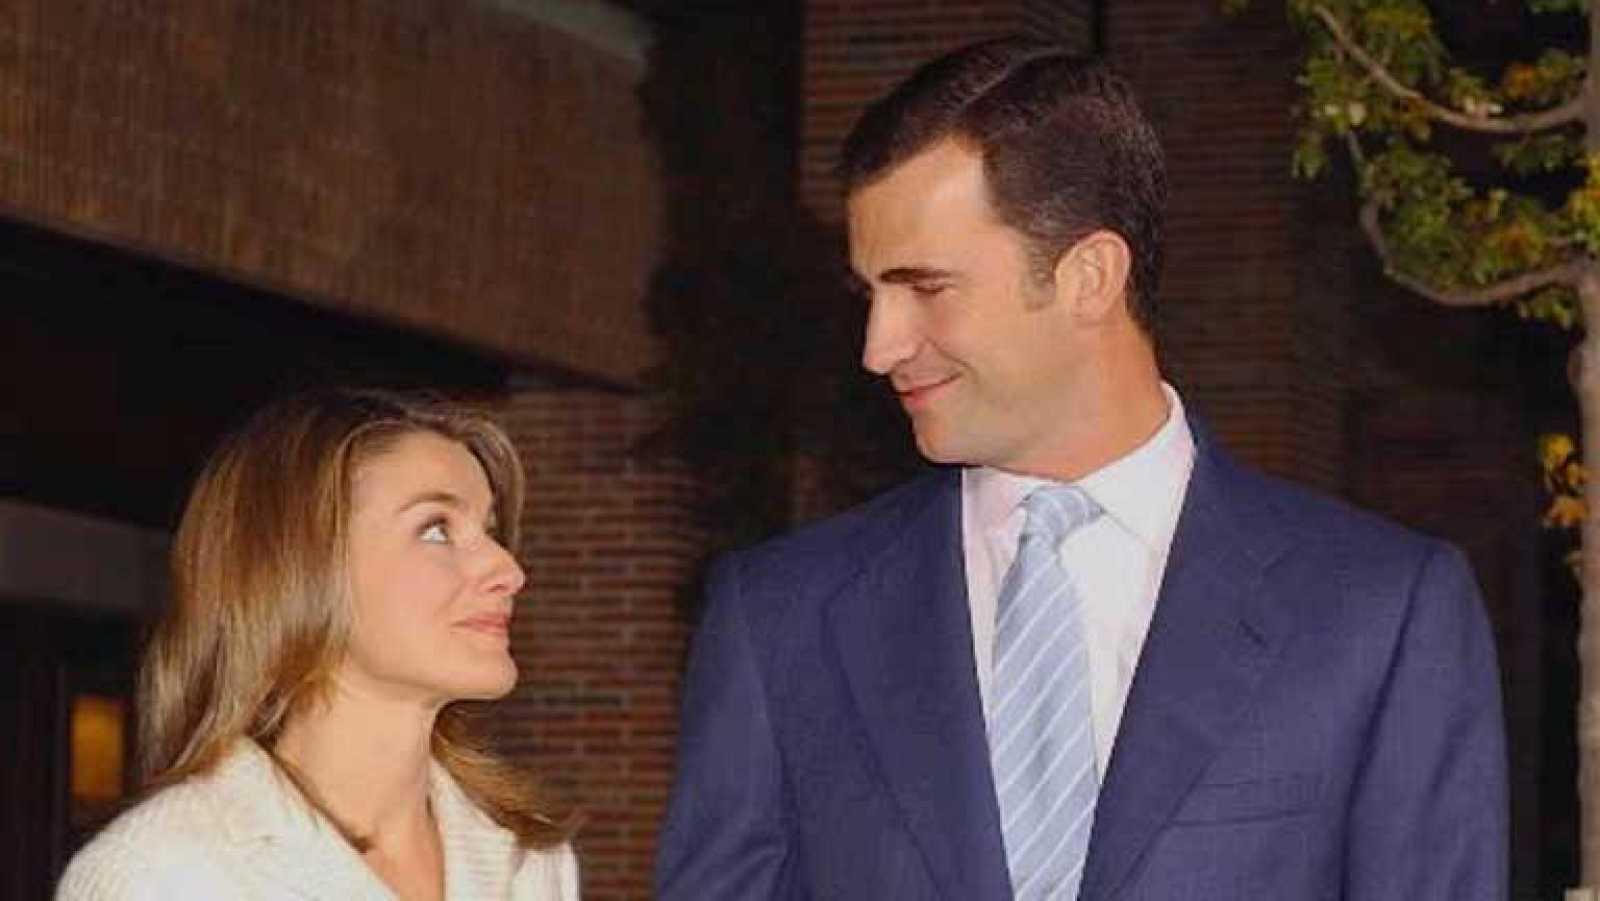 Diez años del compromiso de los príncipes de Asturias